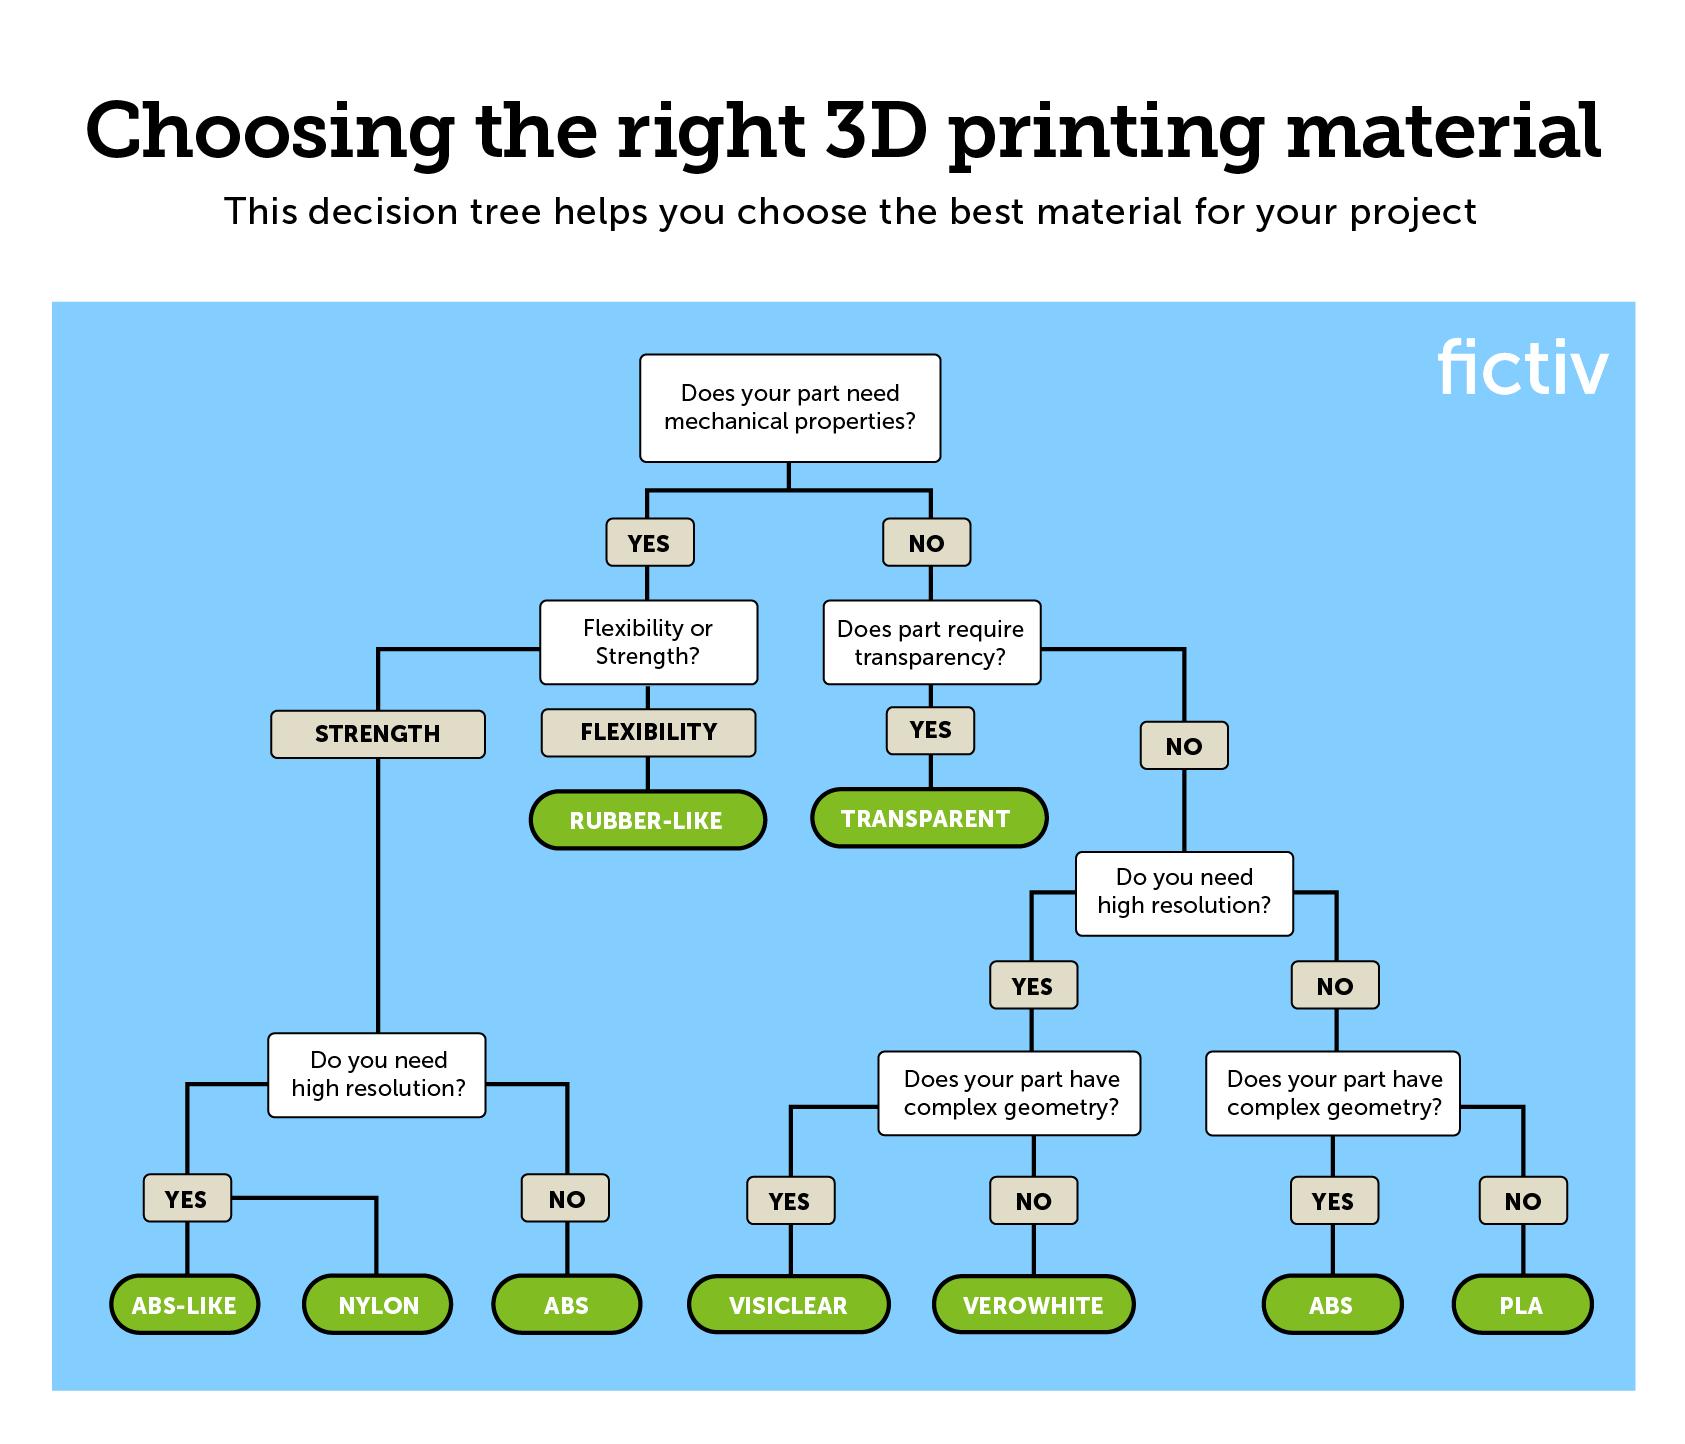 3D printing material decision tree 3d printing, 3d